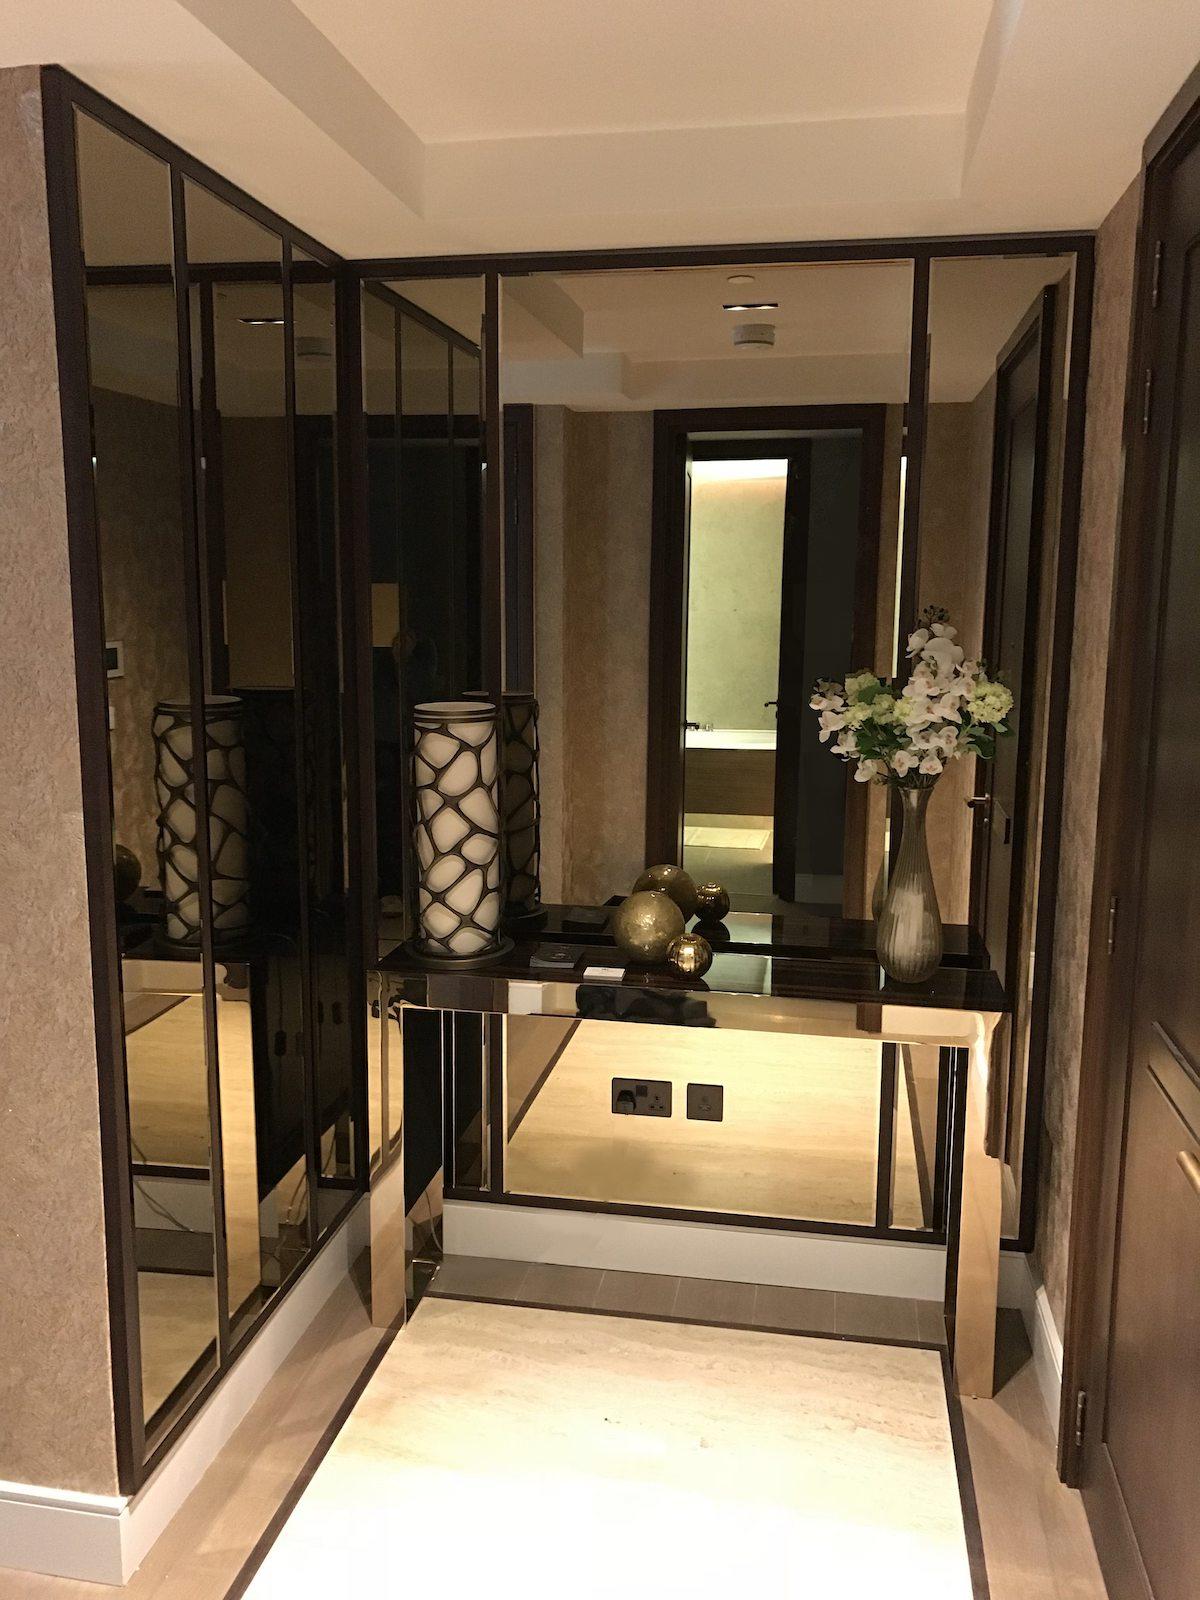 Luxury Bespoke Hotel Interiors